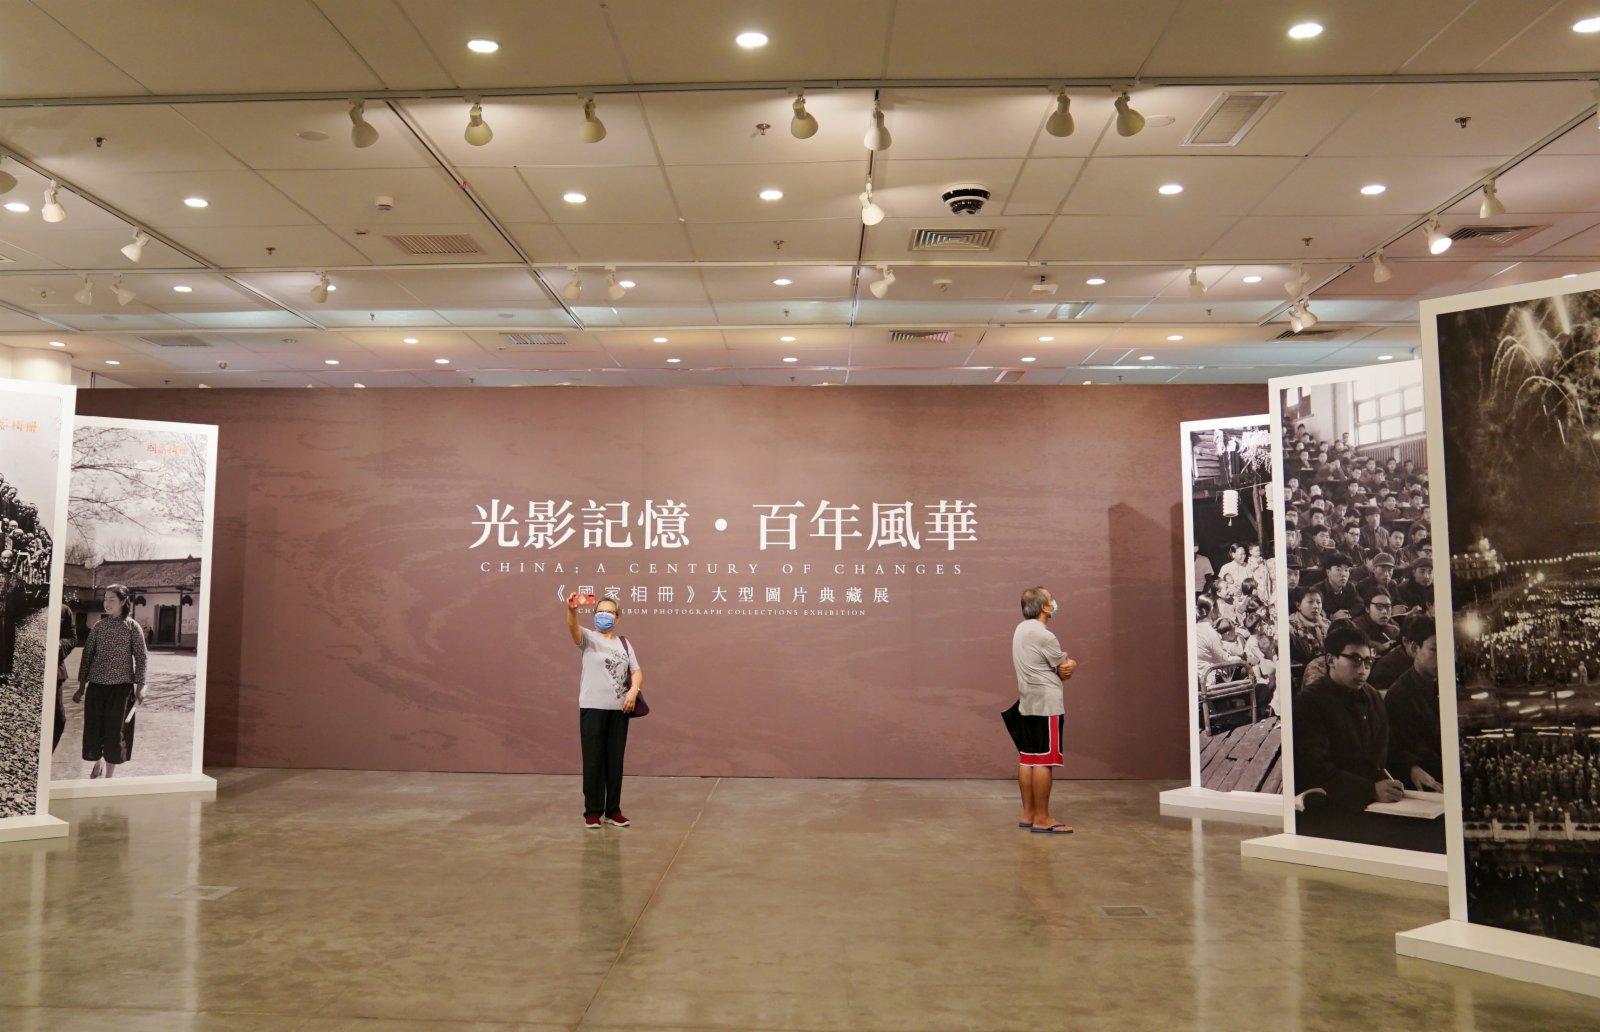 參觀者在展覽入口處拍照留念。(新華社)